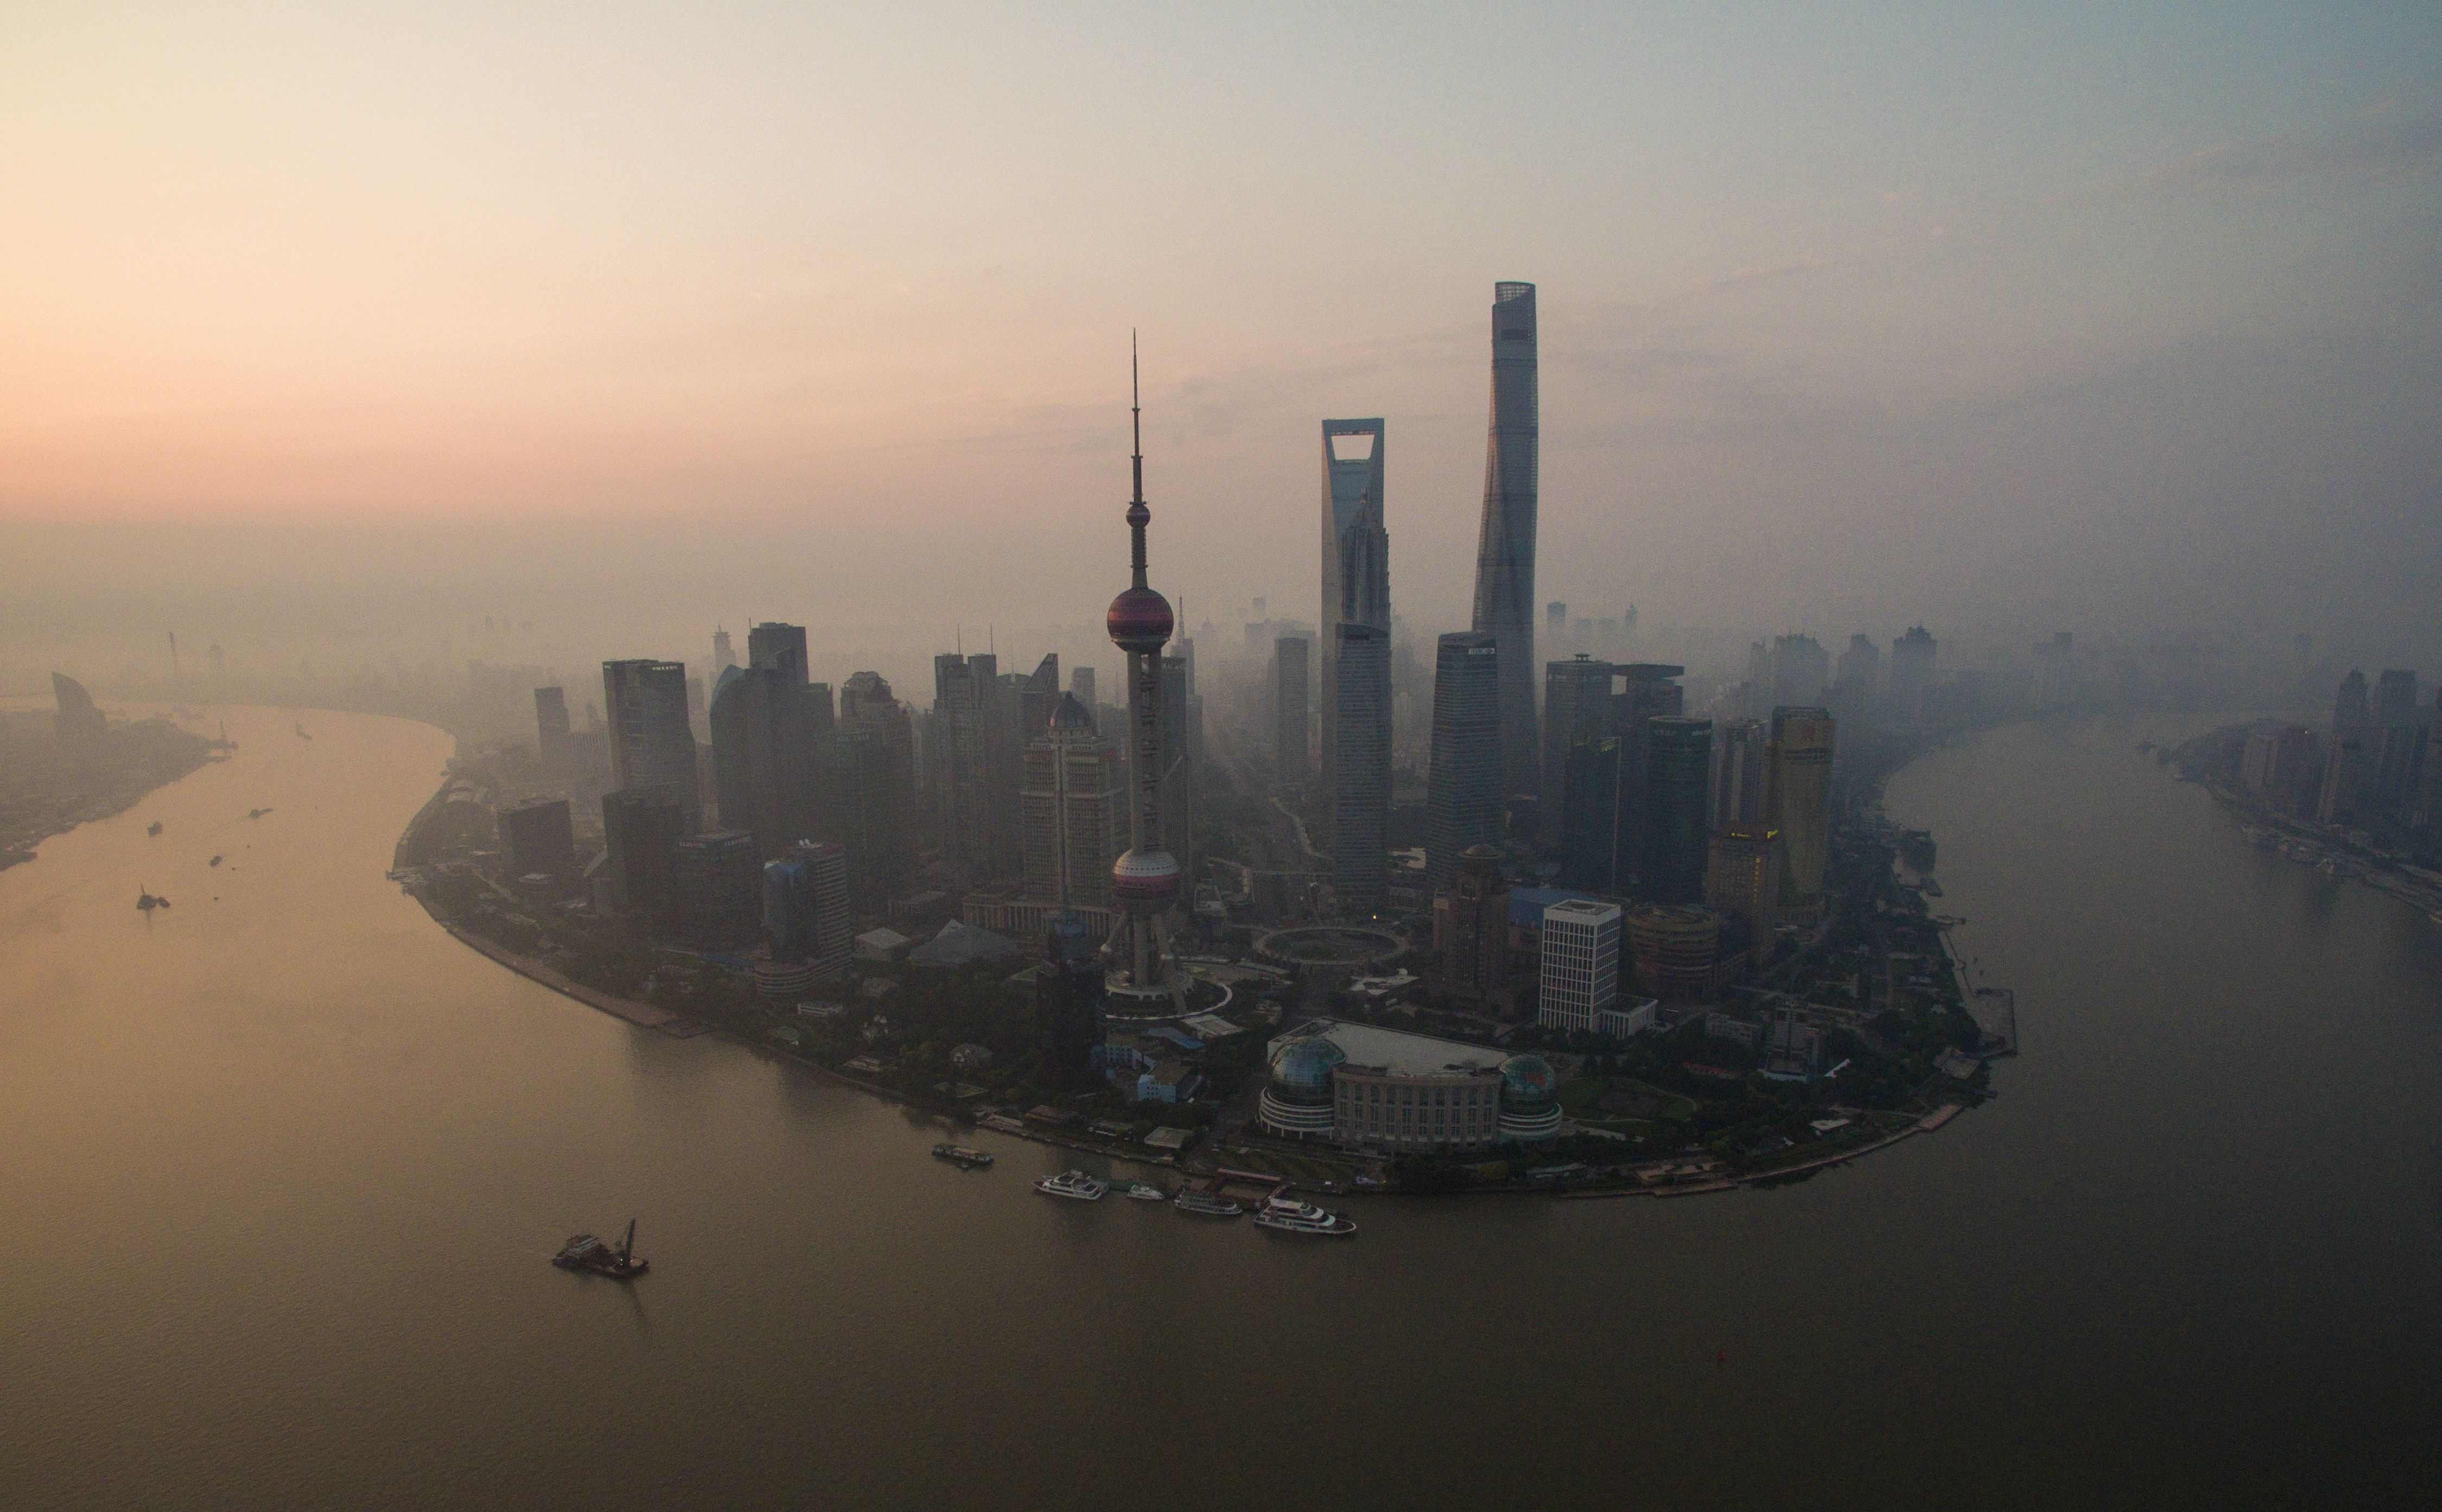 黨國造假 數據維穩 2019中國經濟風暴將至